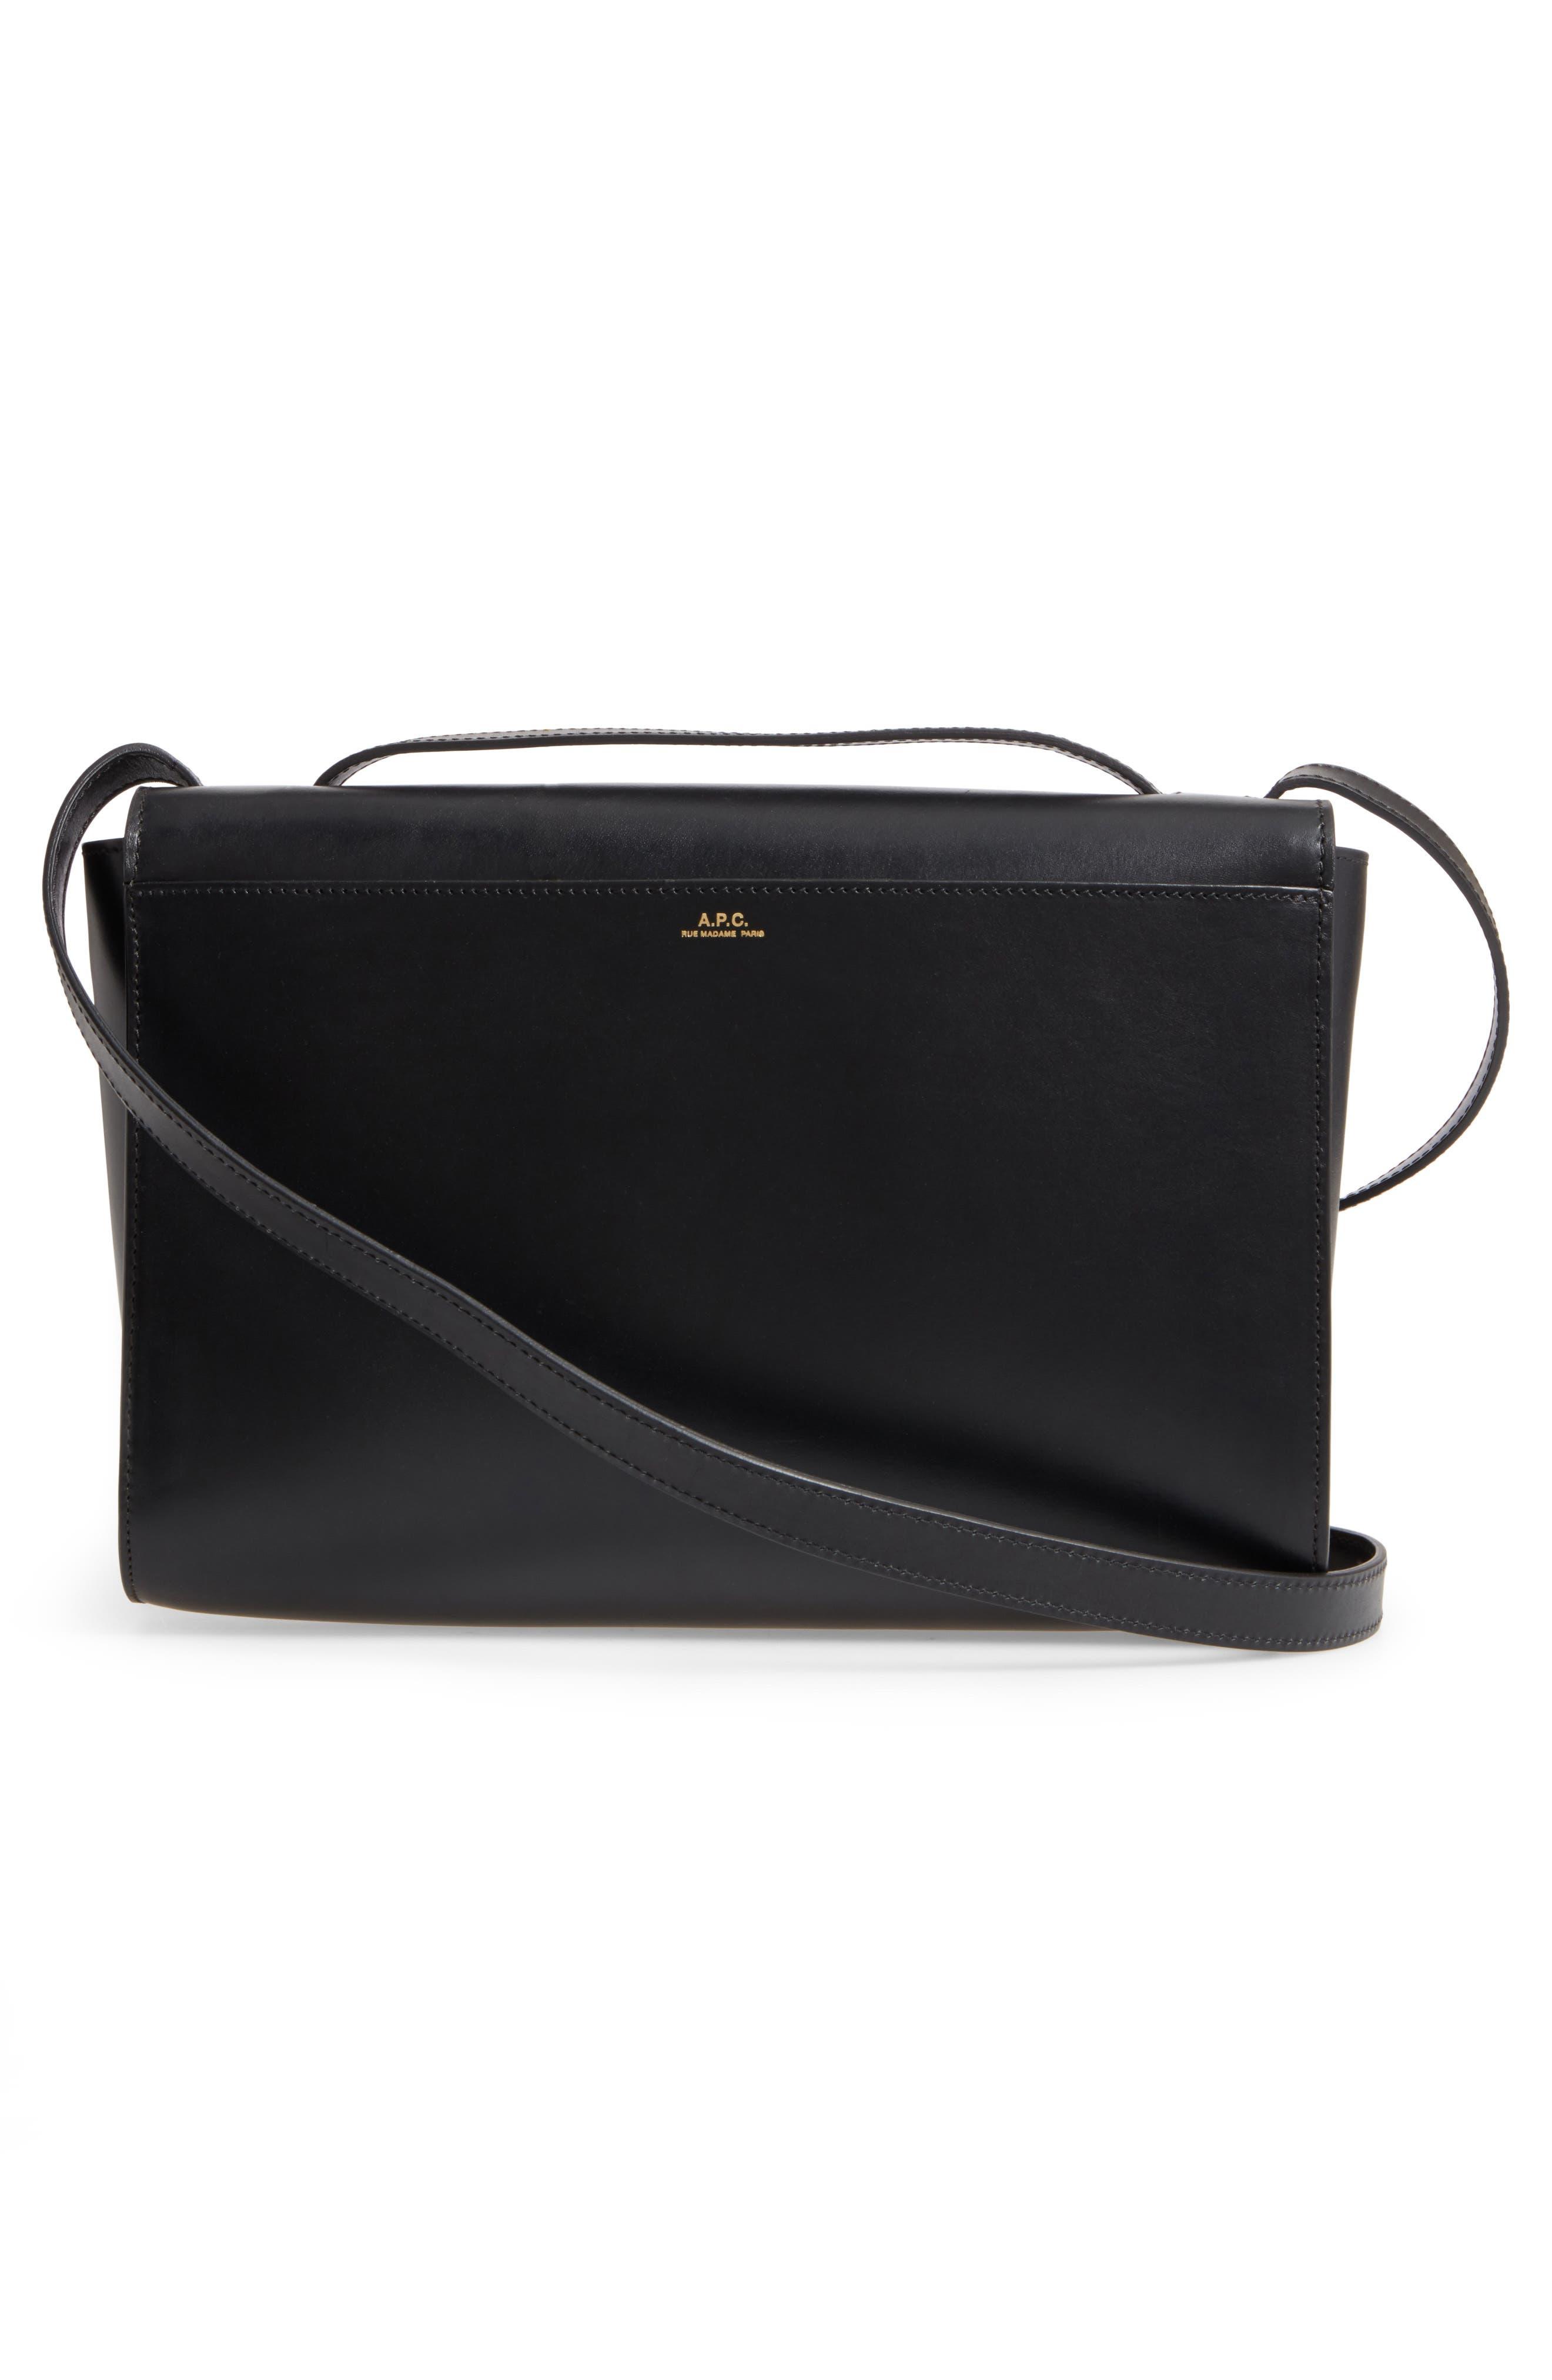 Katy Calfskin Leather Messenger Bag,                             Alternate thumbnail 2, color,                             Noir